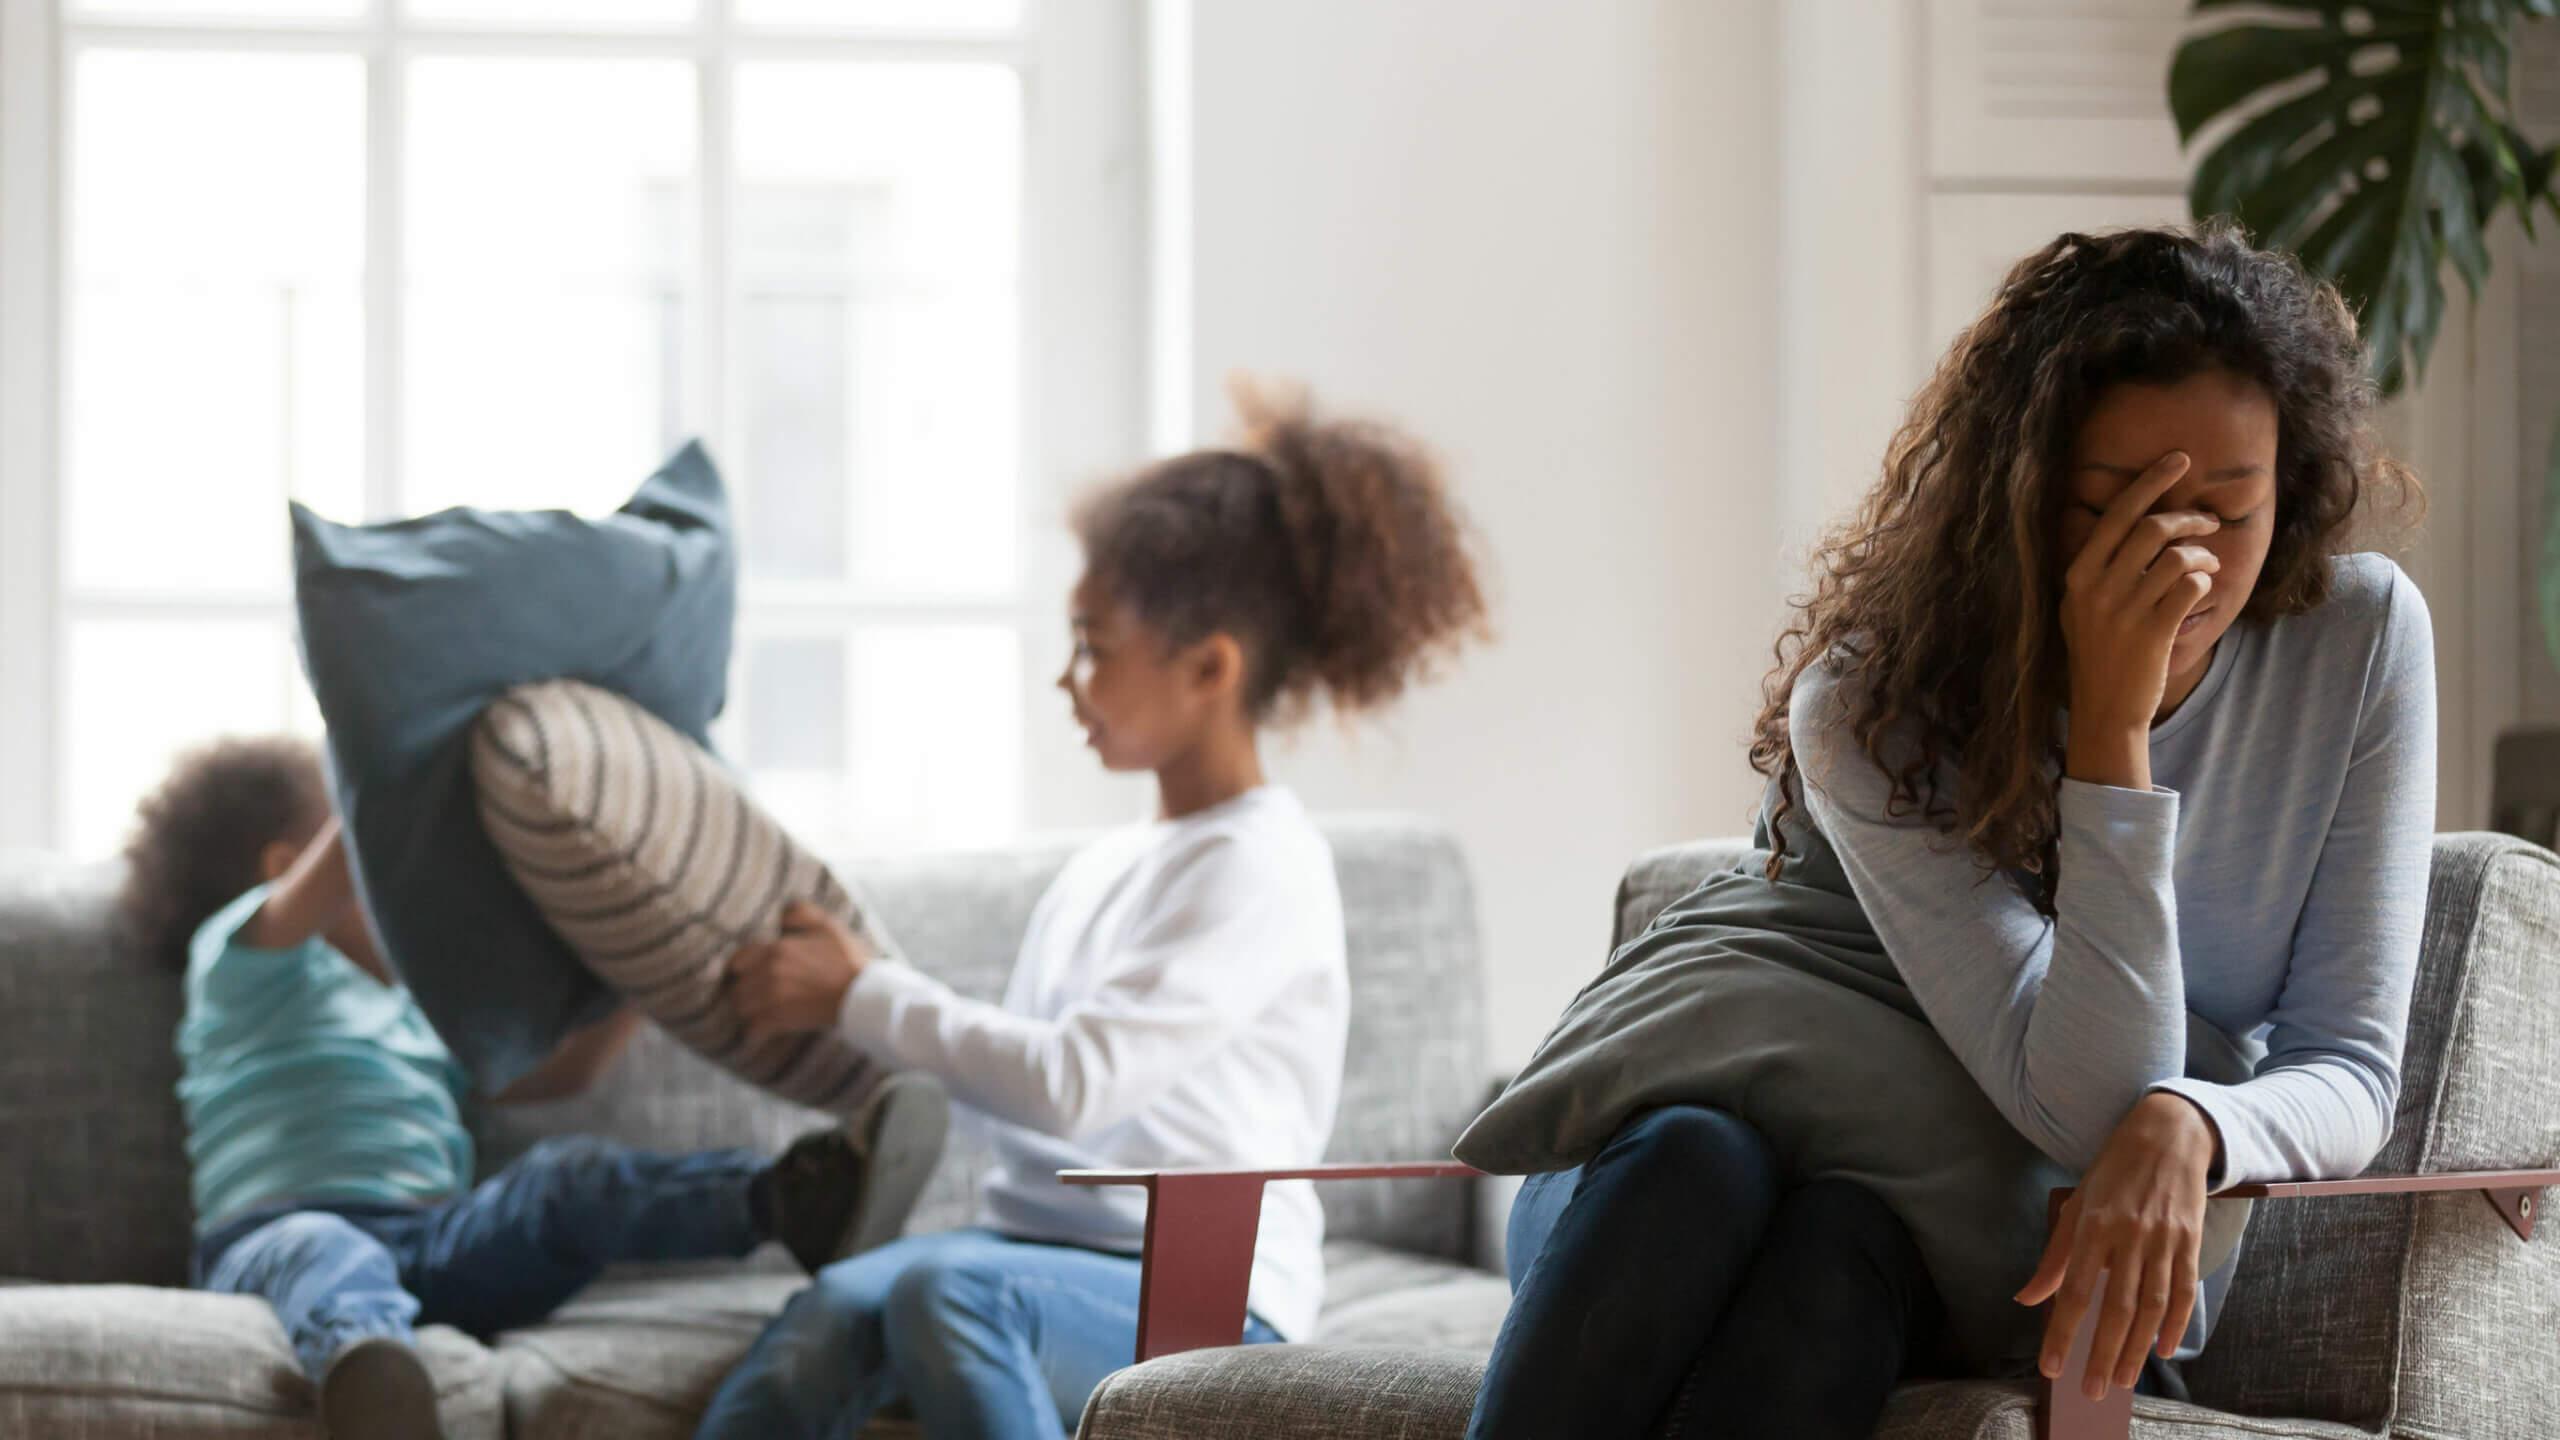 Madre agotada de las peleas de sus hijos padeciendo el síndrome de burnout parental.